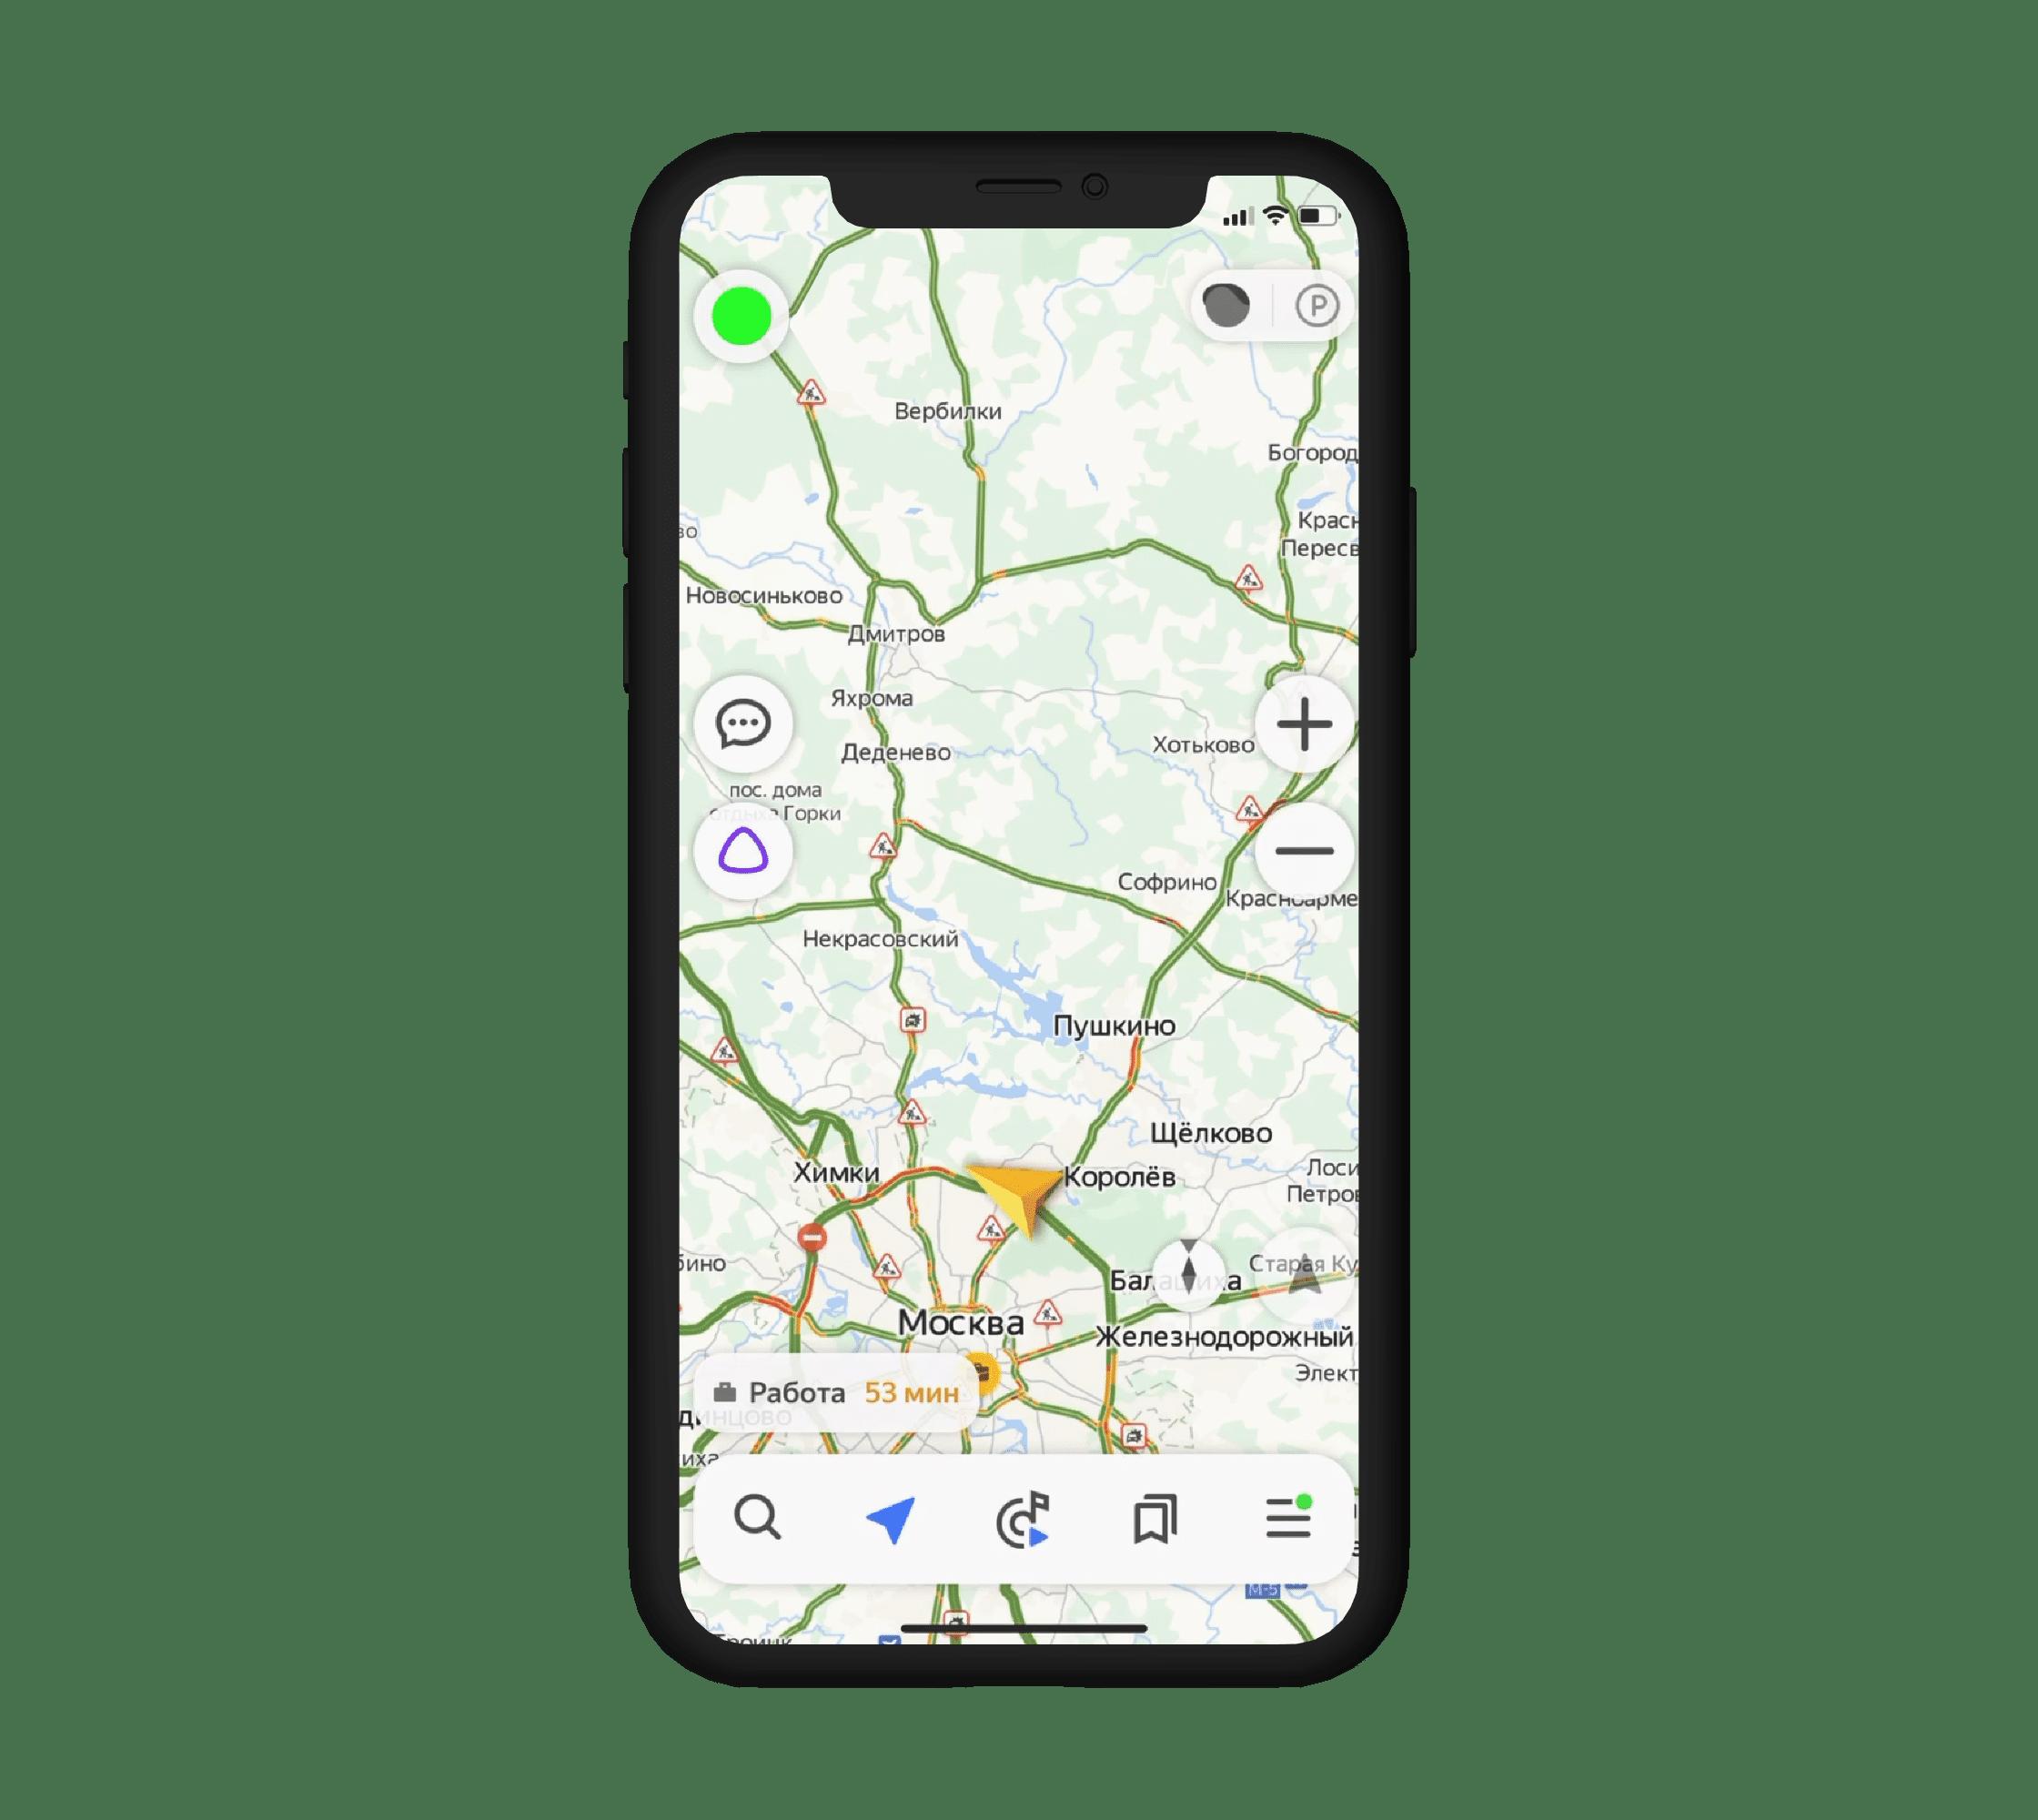 В Яндекс Навигаторе появилась новая важная функция